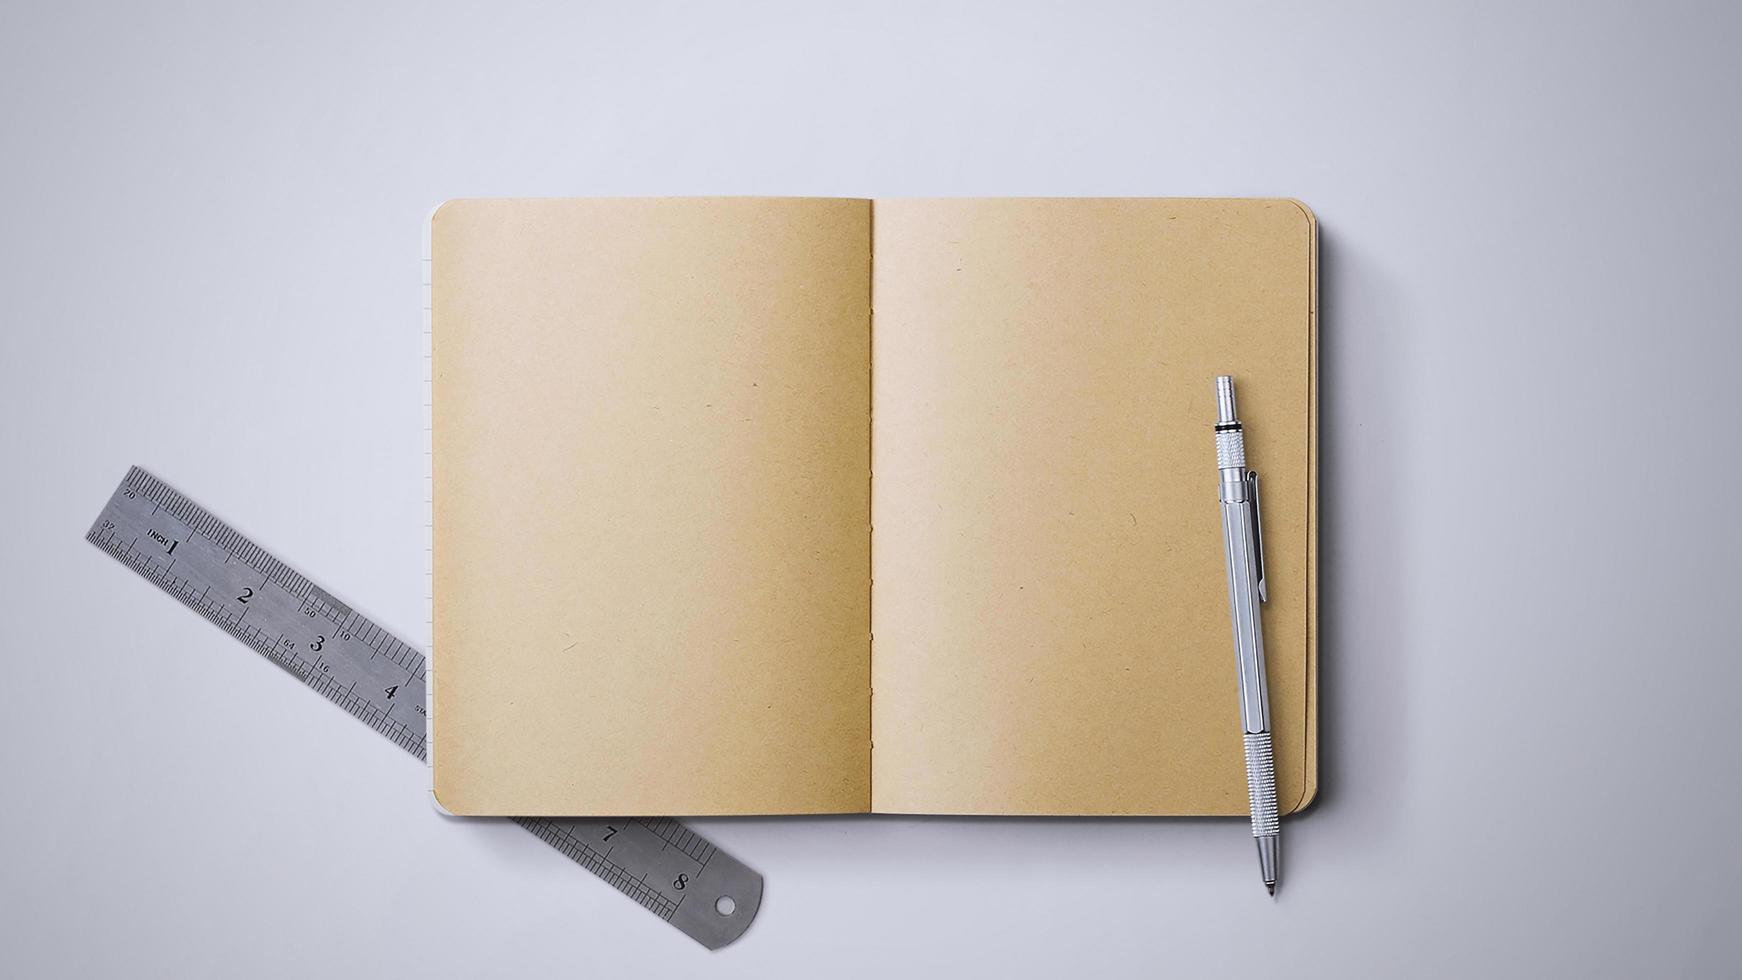 Notizbuch mit Stift und Lineal foto